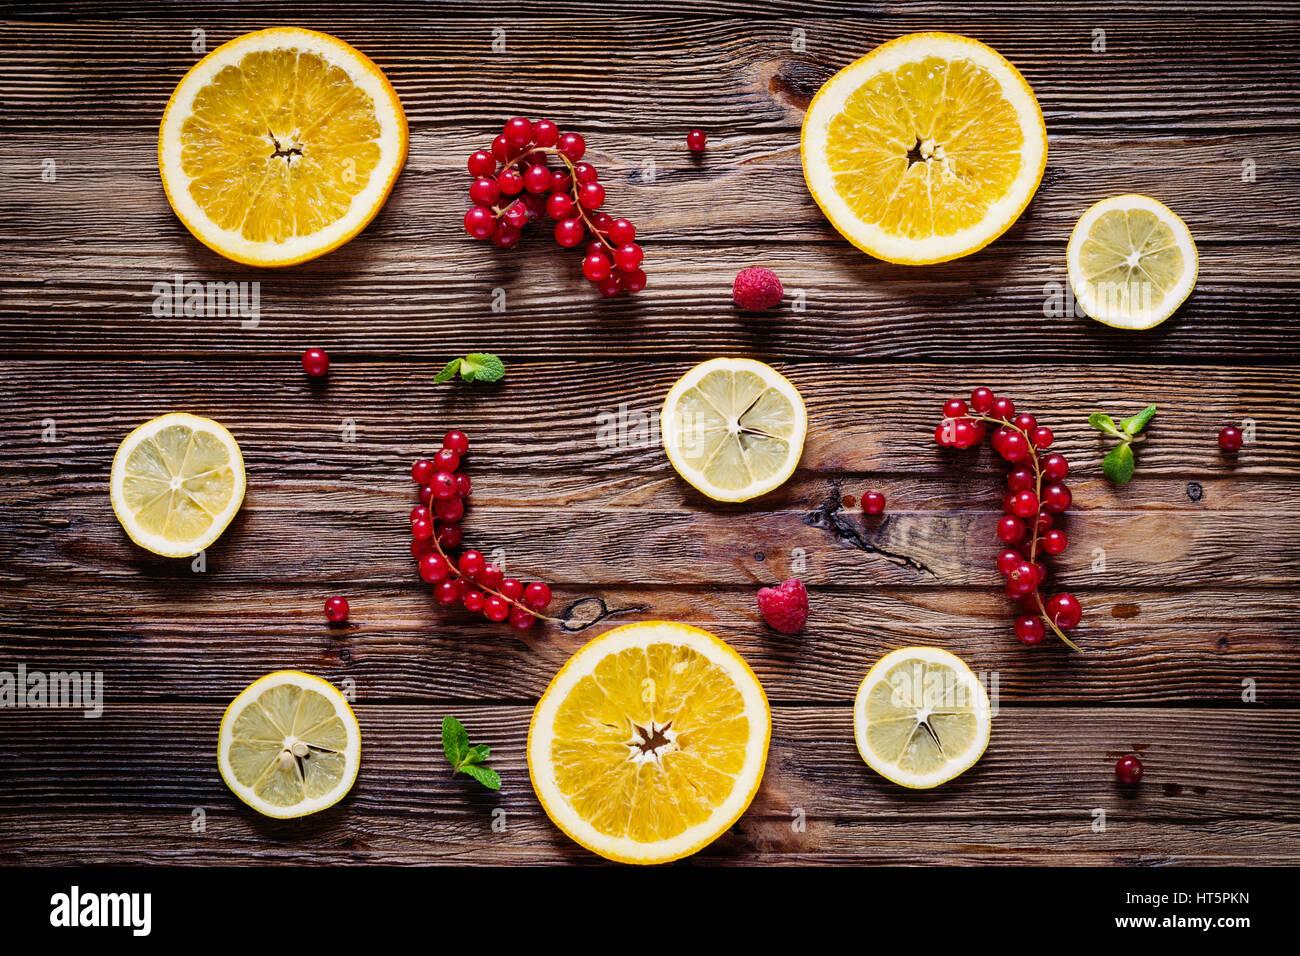 Limone e anelli di arancione, rosso Ribes, lamponi e foglie di menta su sfondo di legno. Tabella vista dall'alto. Immagini Stock